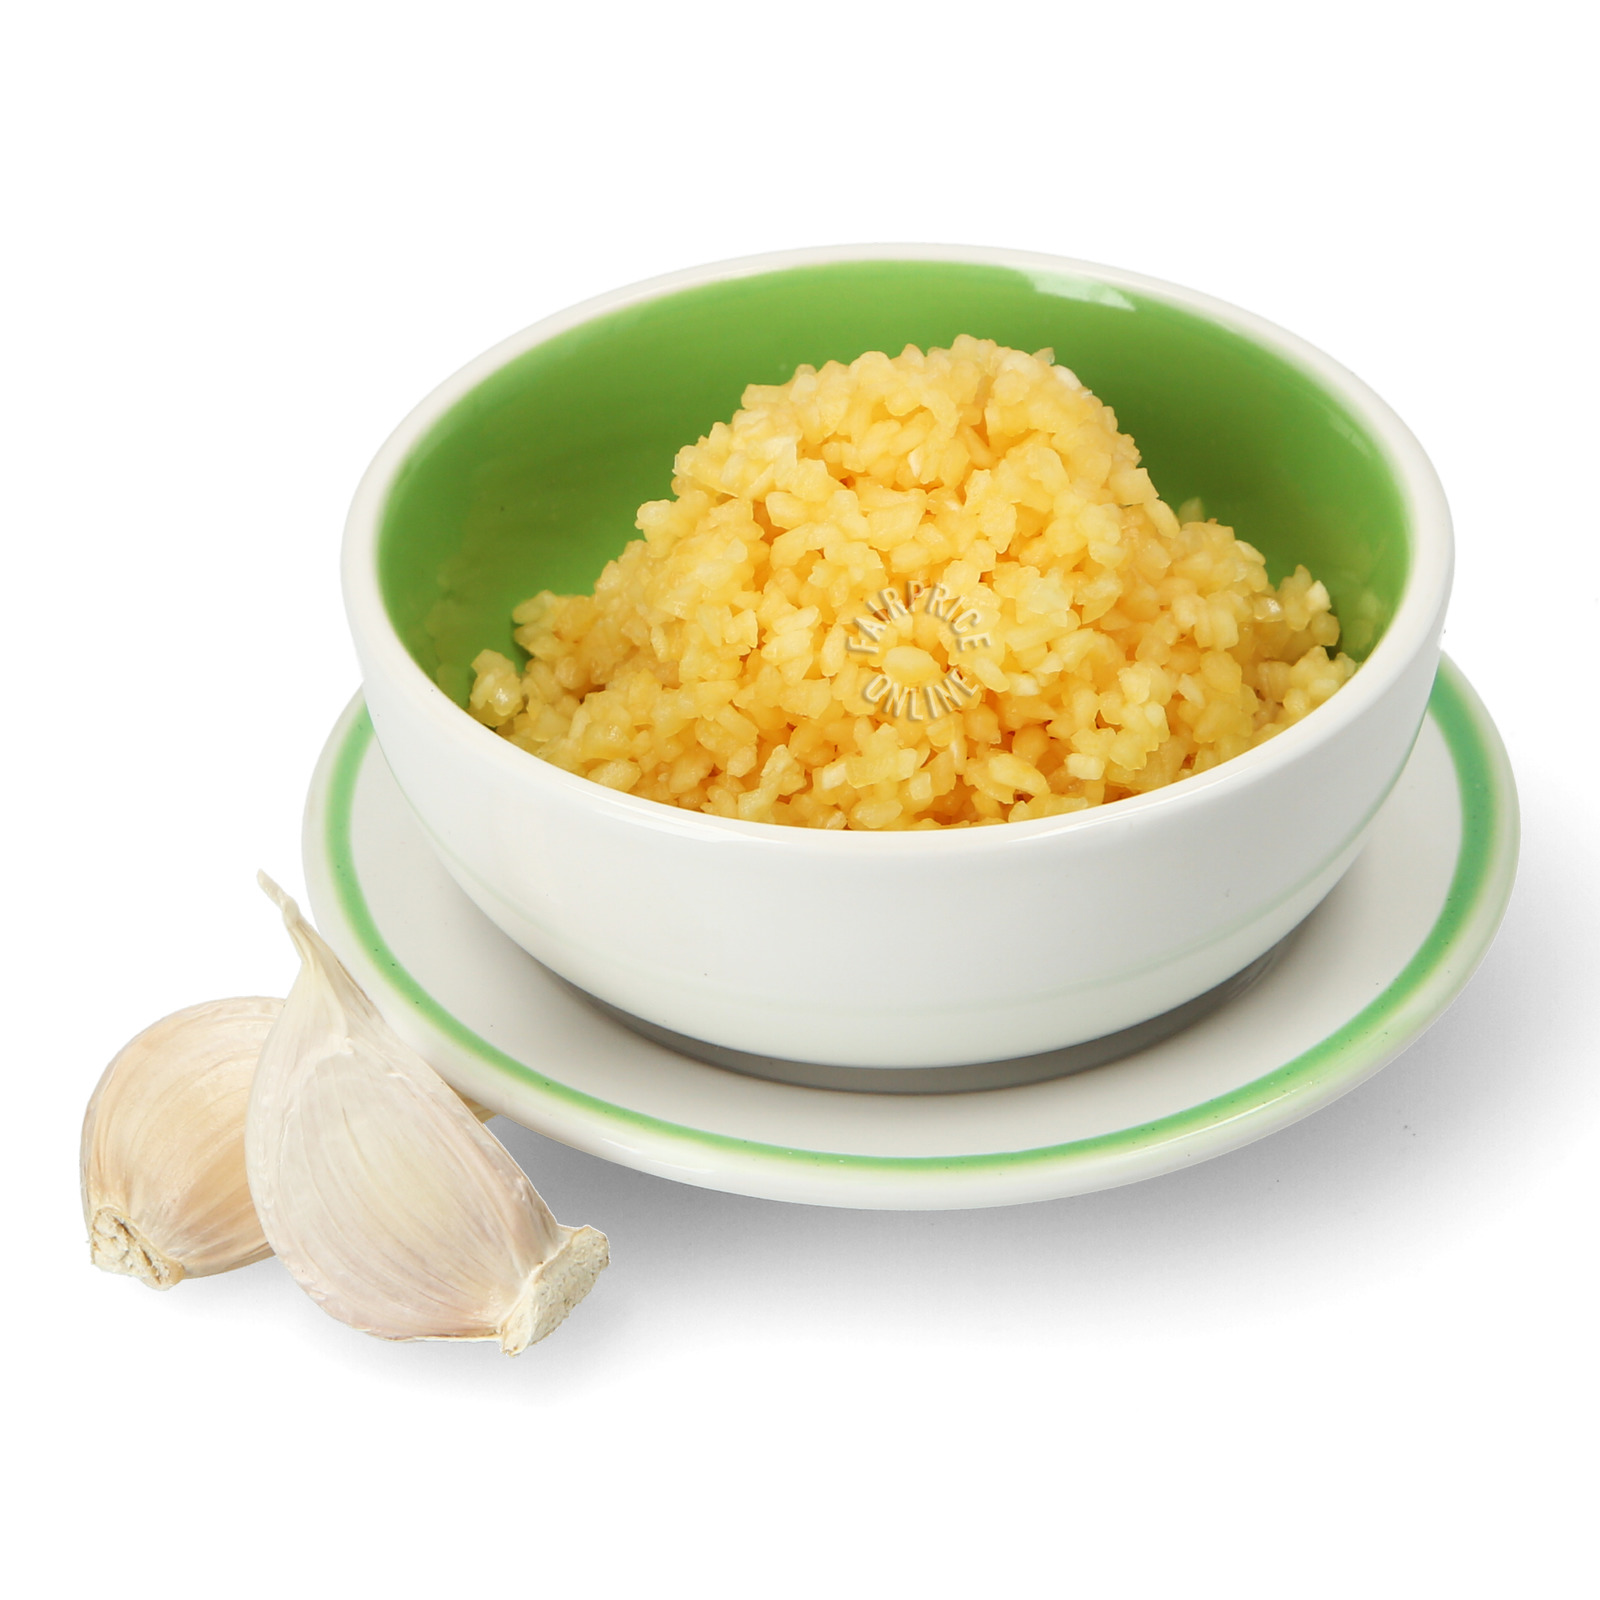 Defu Premium Grade Chopped Garlic - Cup